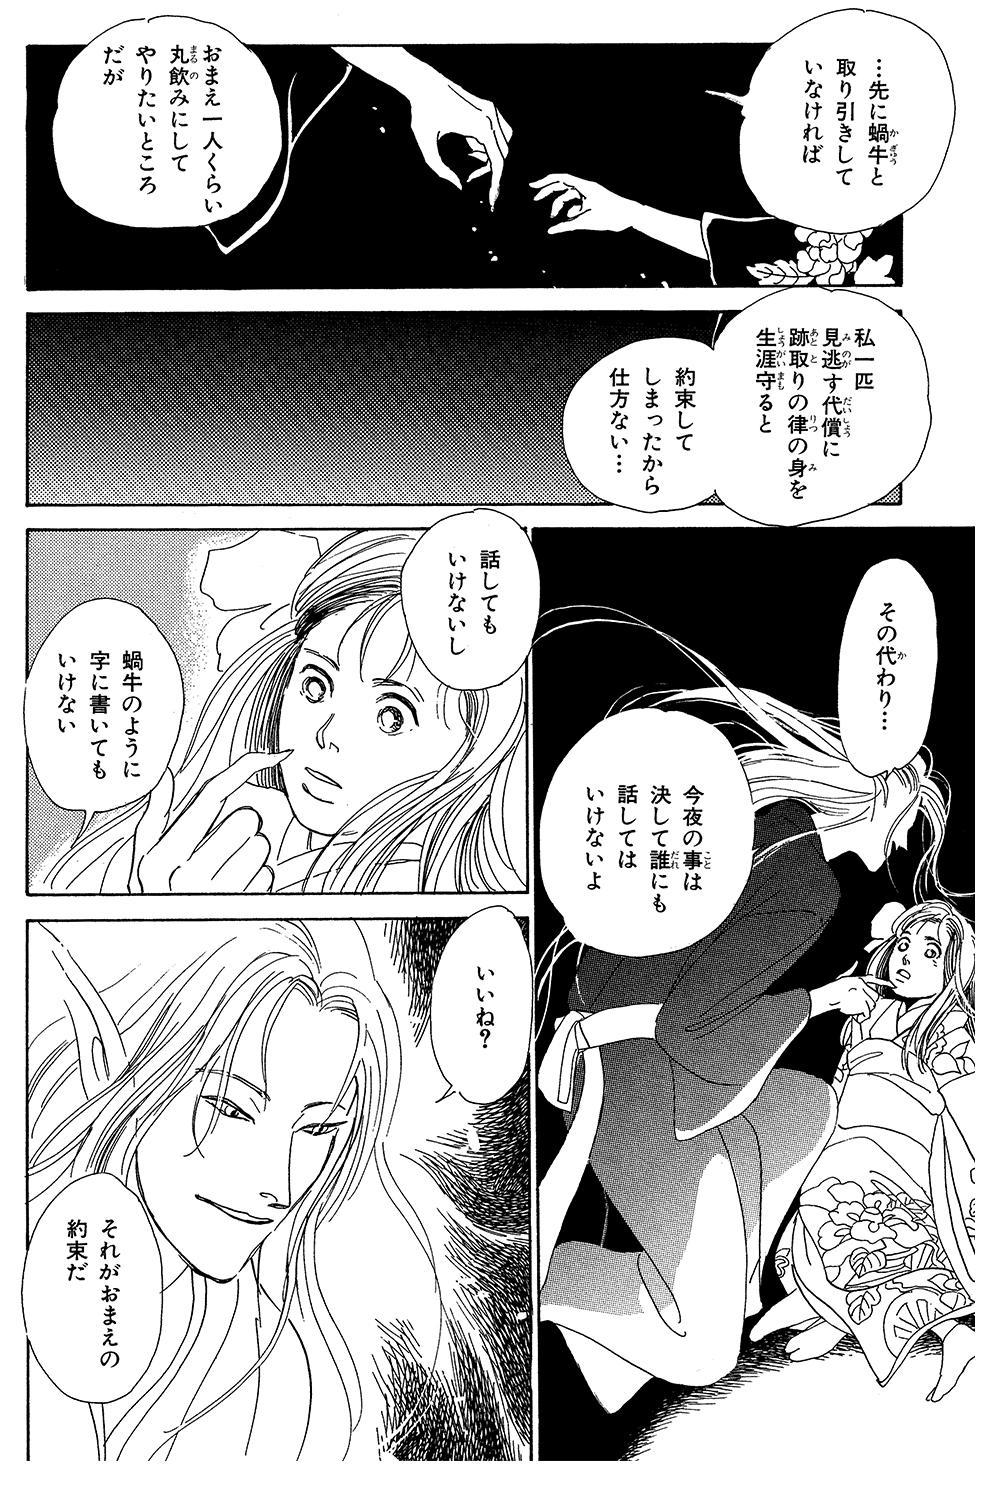 百鬼夜行抄 序章「精進おとしの客」hyakki14.jpg